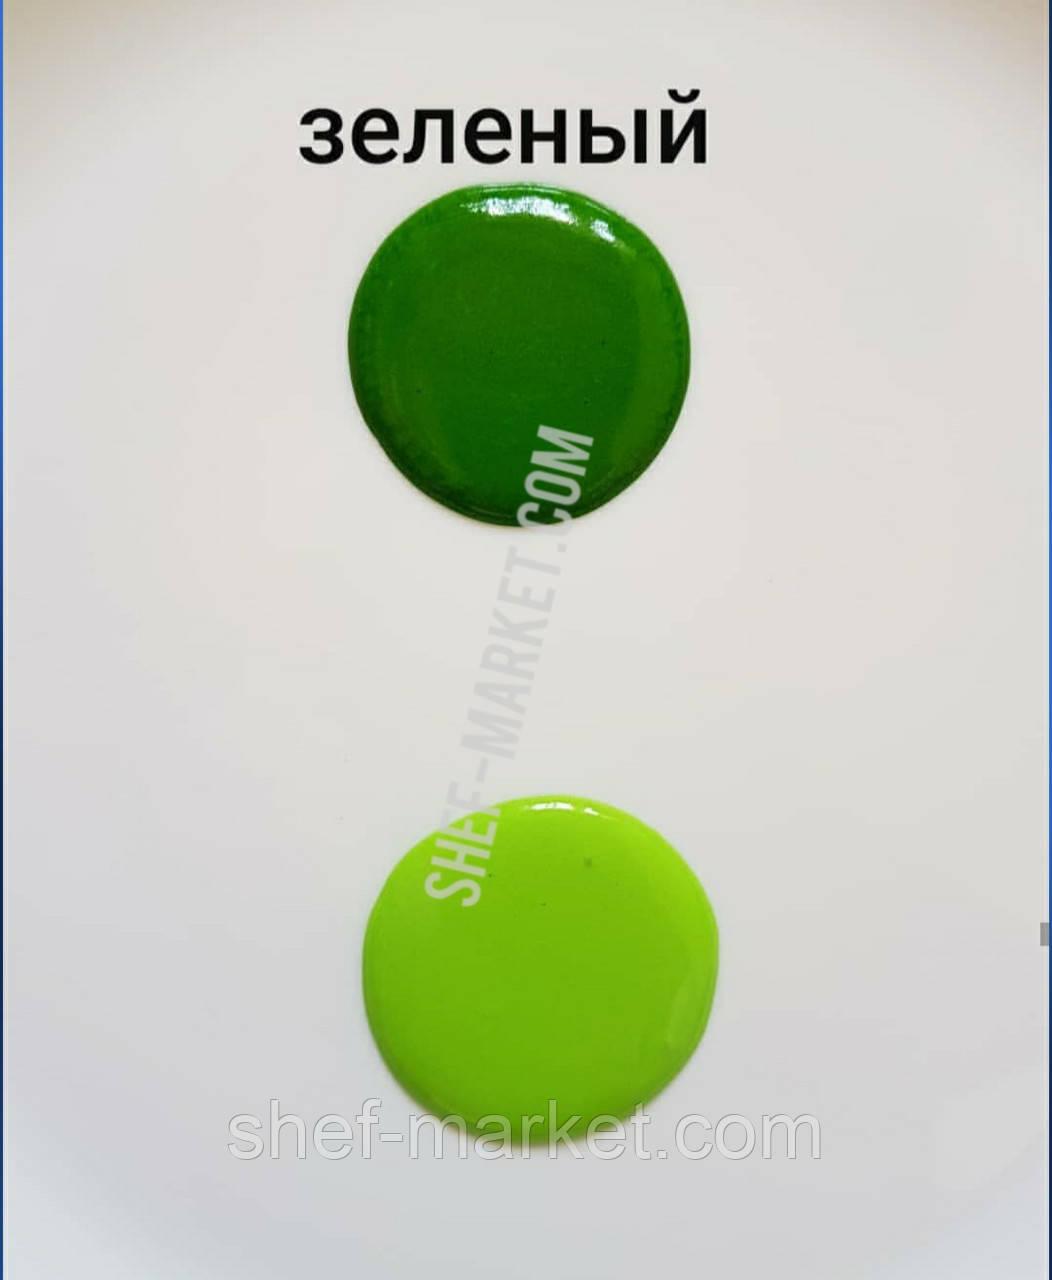 Сухой водорастворимый краситель зеленый, 5гр